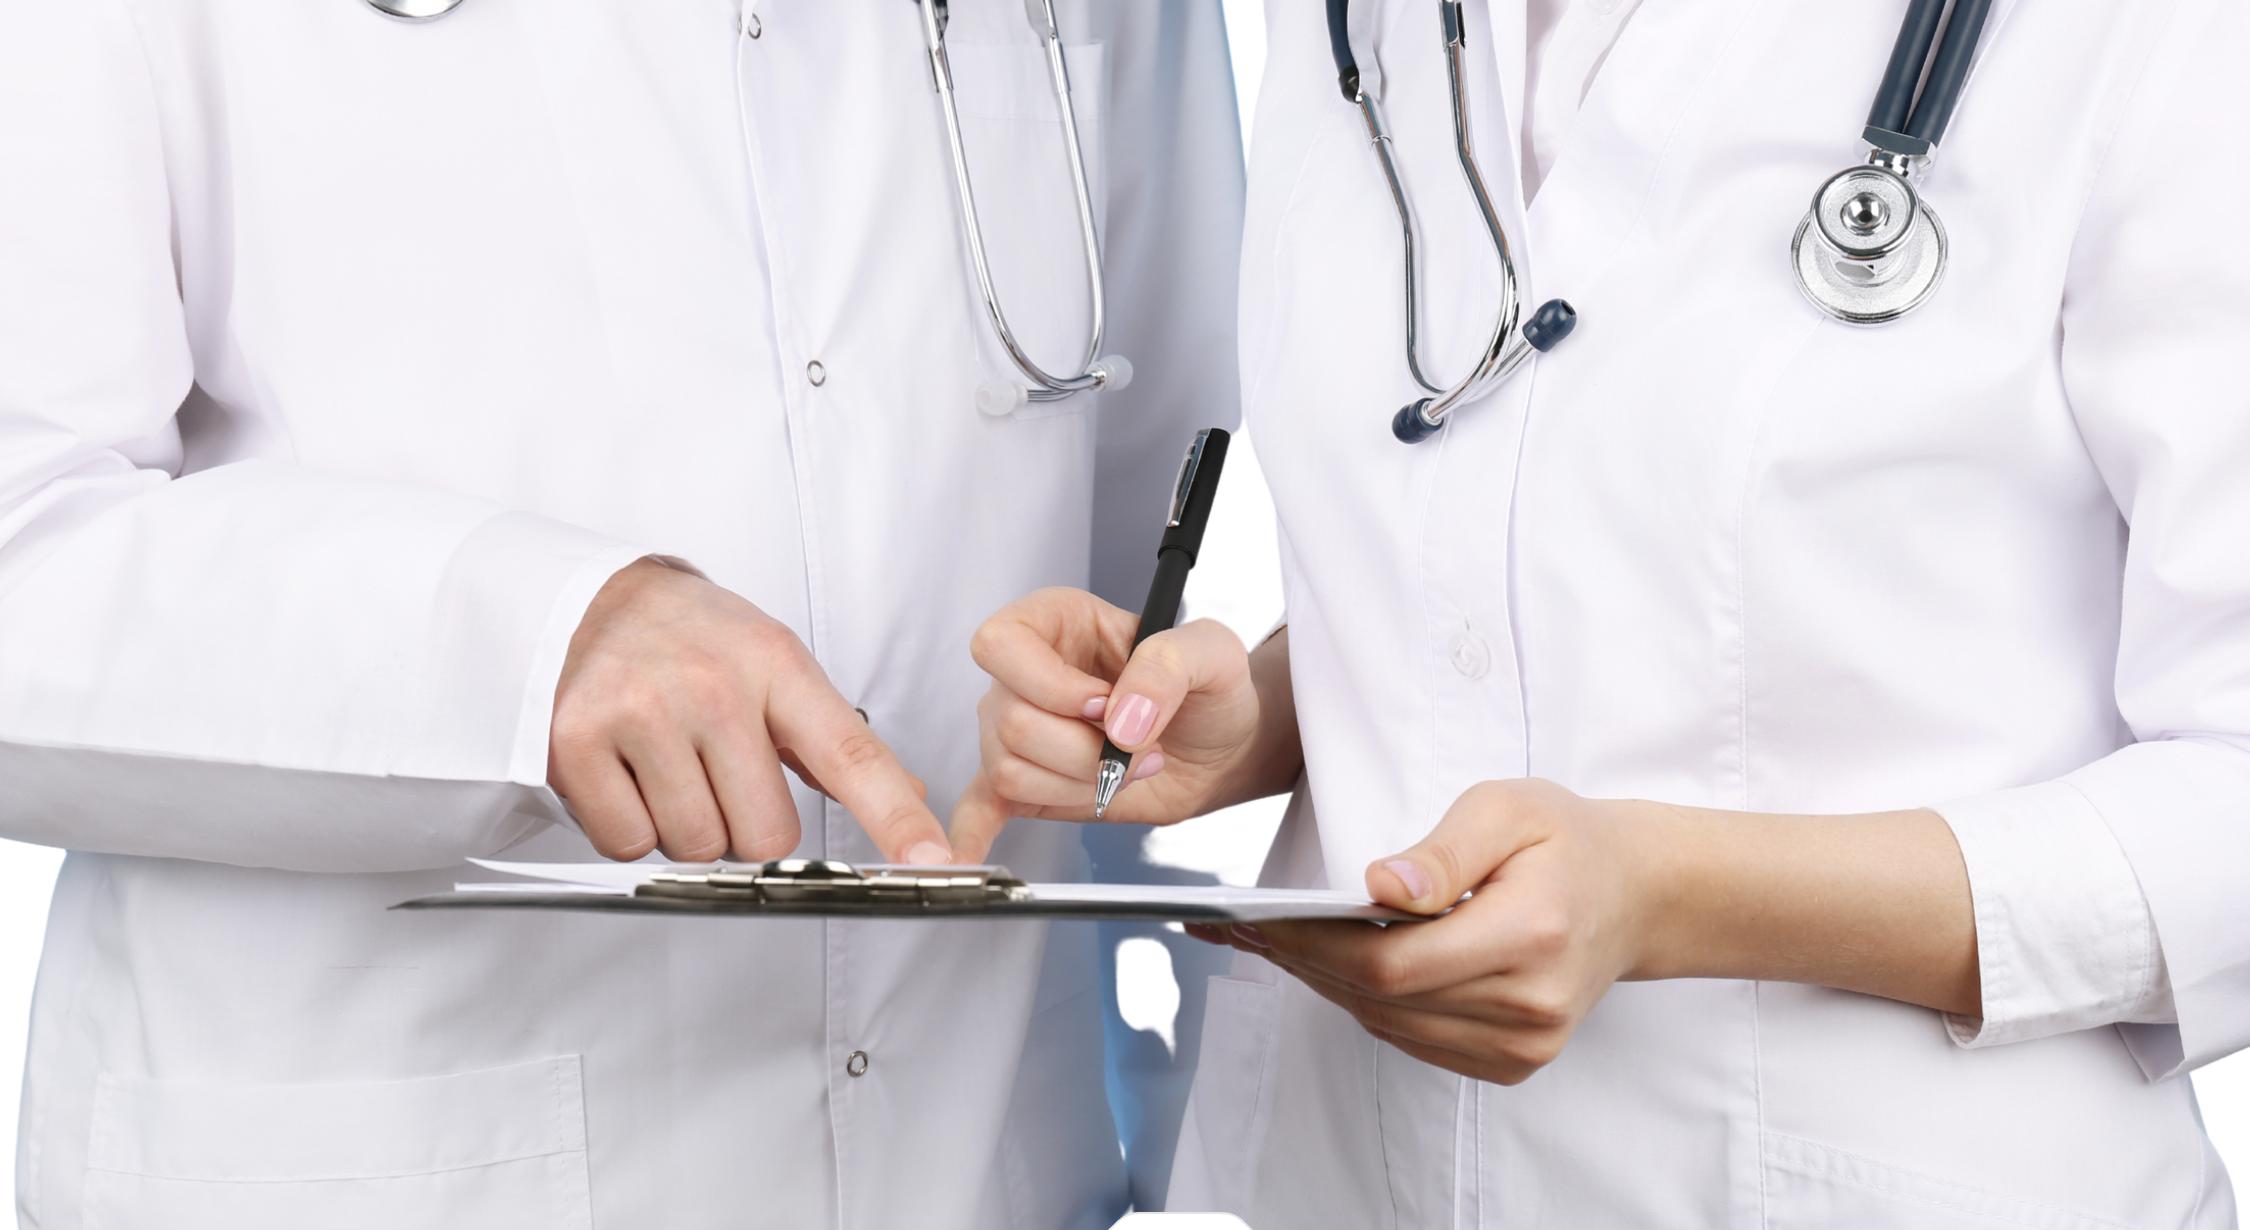 Trombofilia, la prevenzione parte da un corretto screening – Ecco il pacchetto coagulazione proposto da IRV